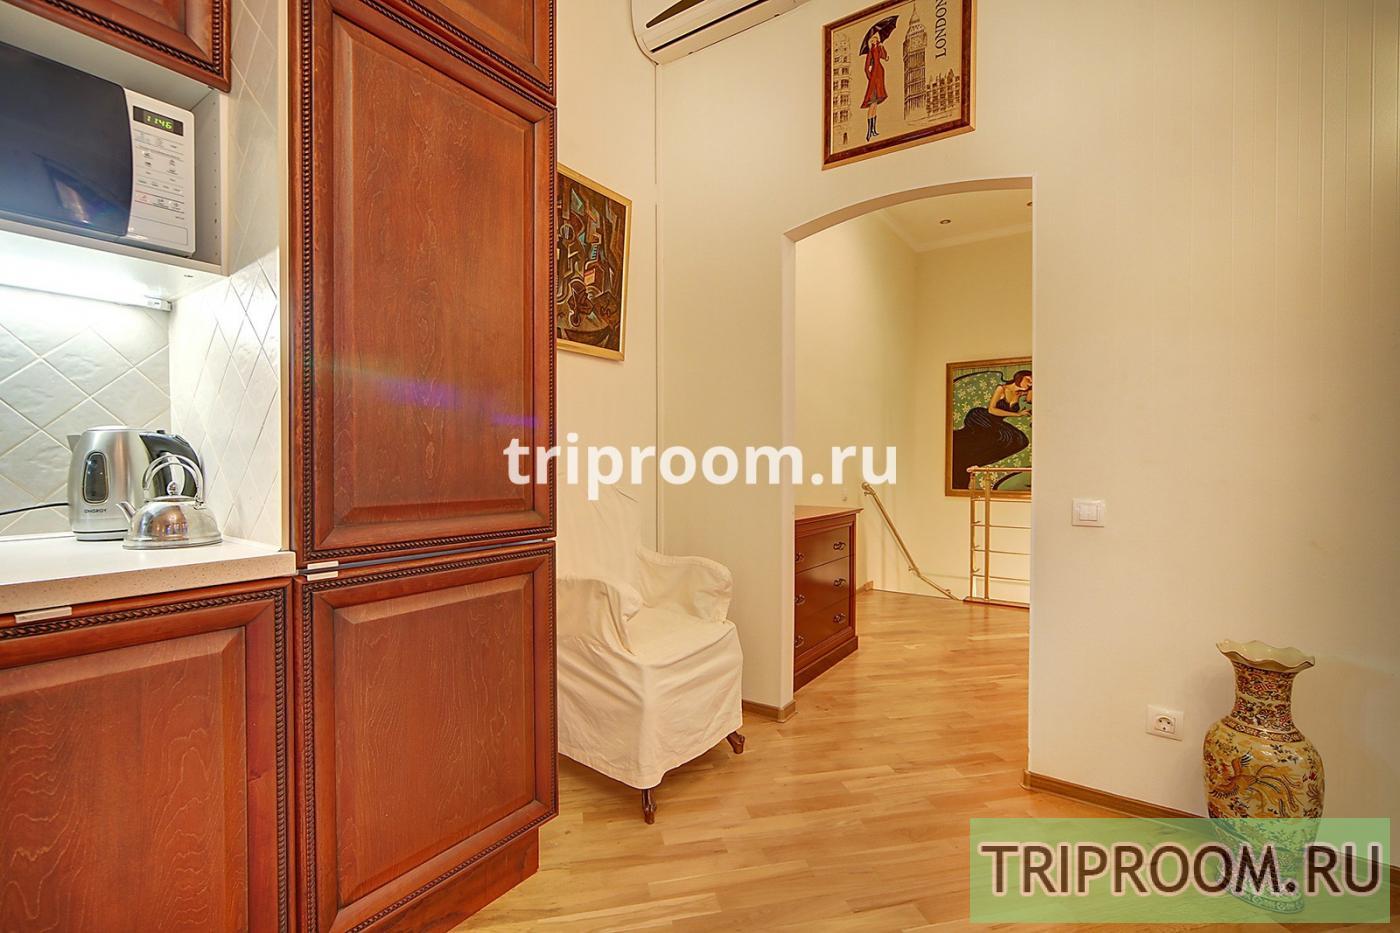 2-комнатная квартира посуточно (вариант № 15116), ул. Большая Конюшенная улица, фото № 6